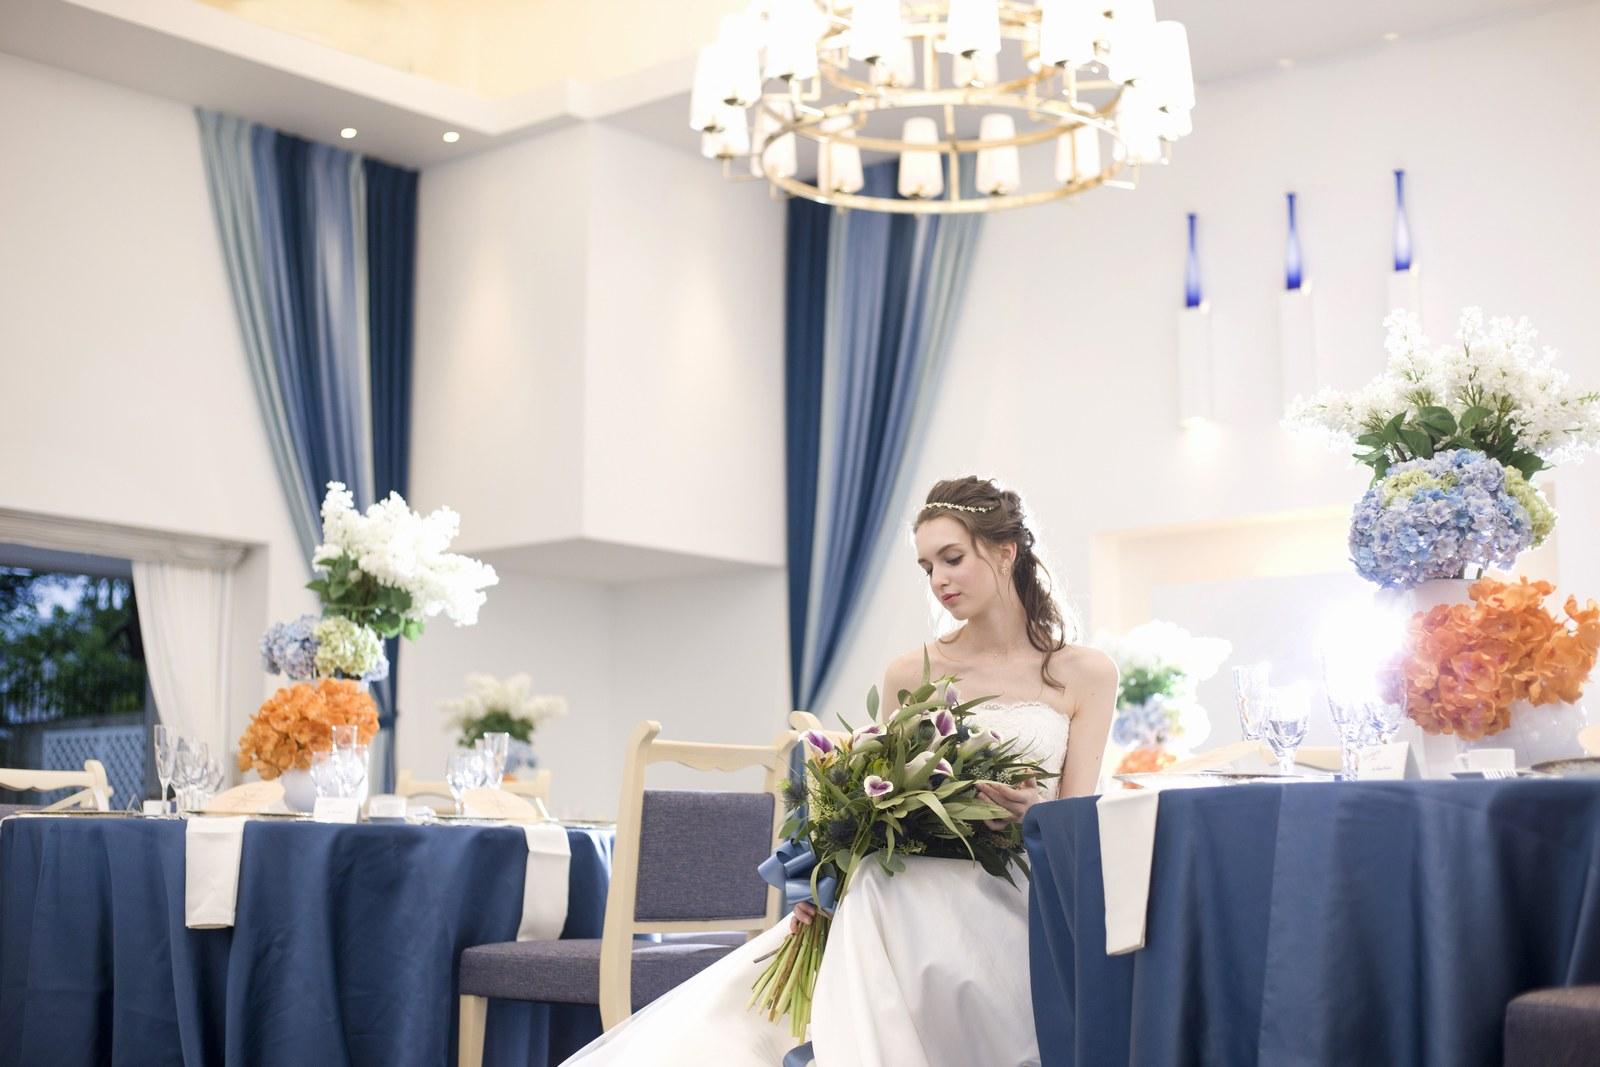 香川県の結婚式場シェルエメールのグラデートのイメージ写真